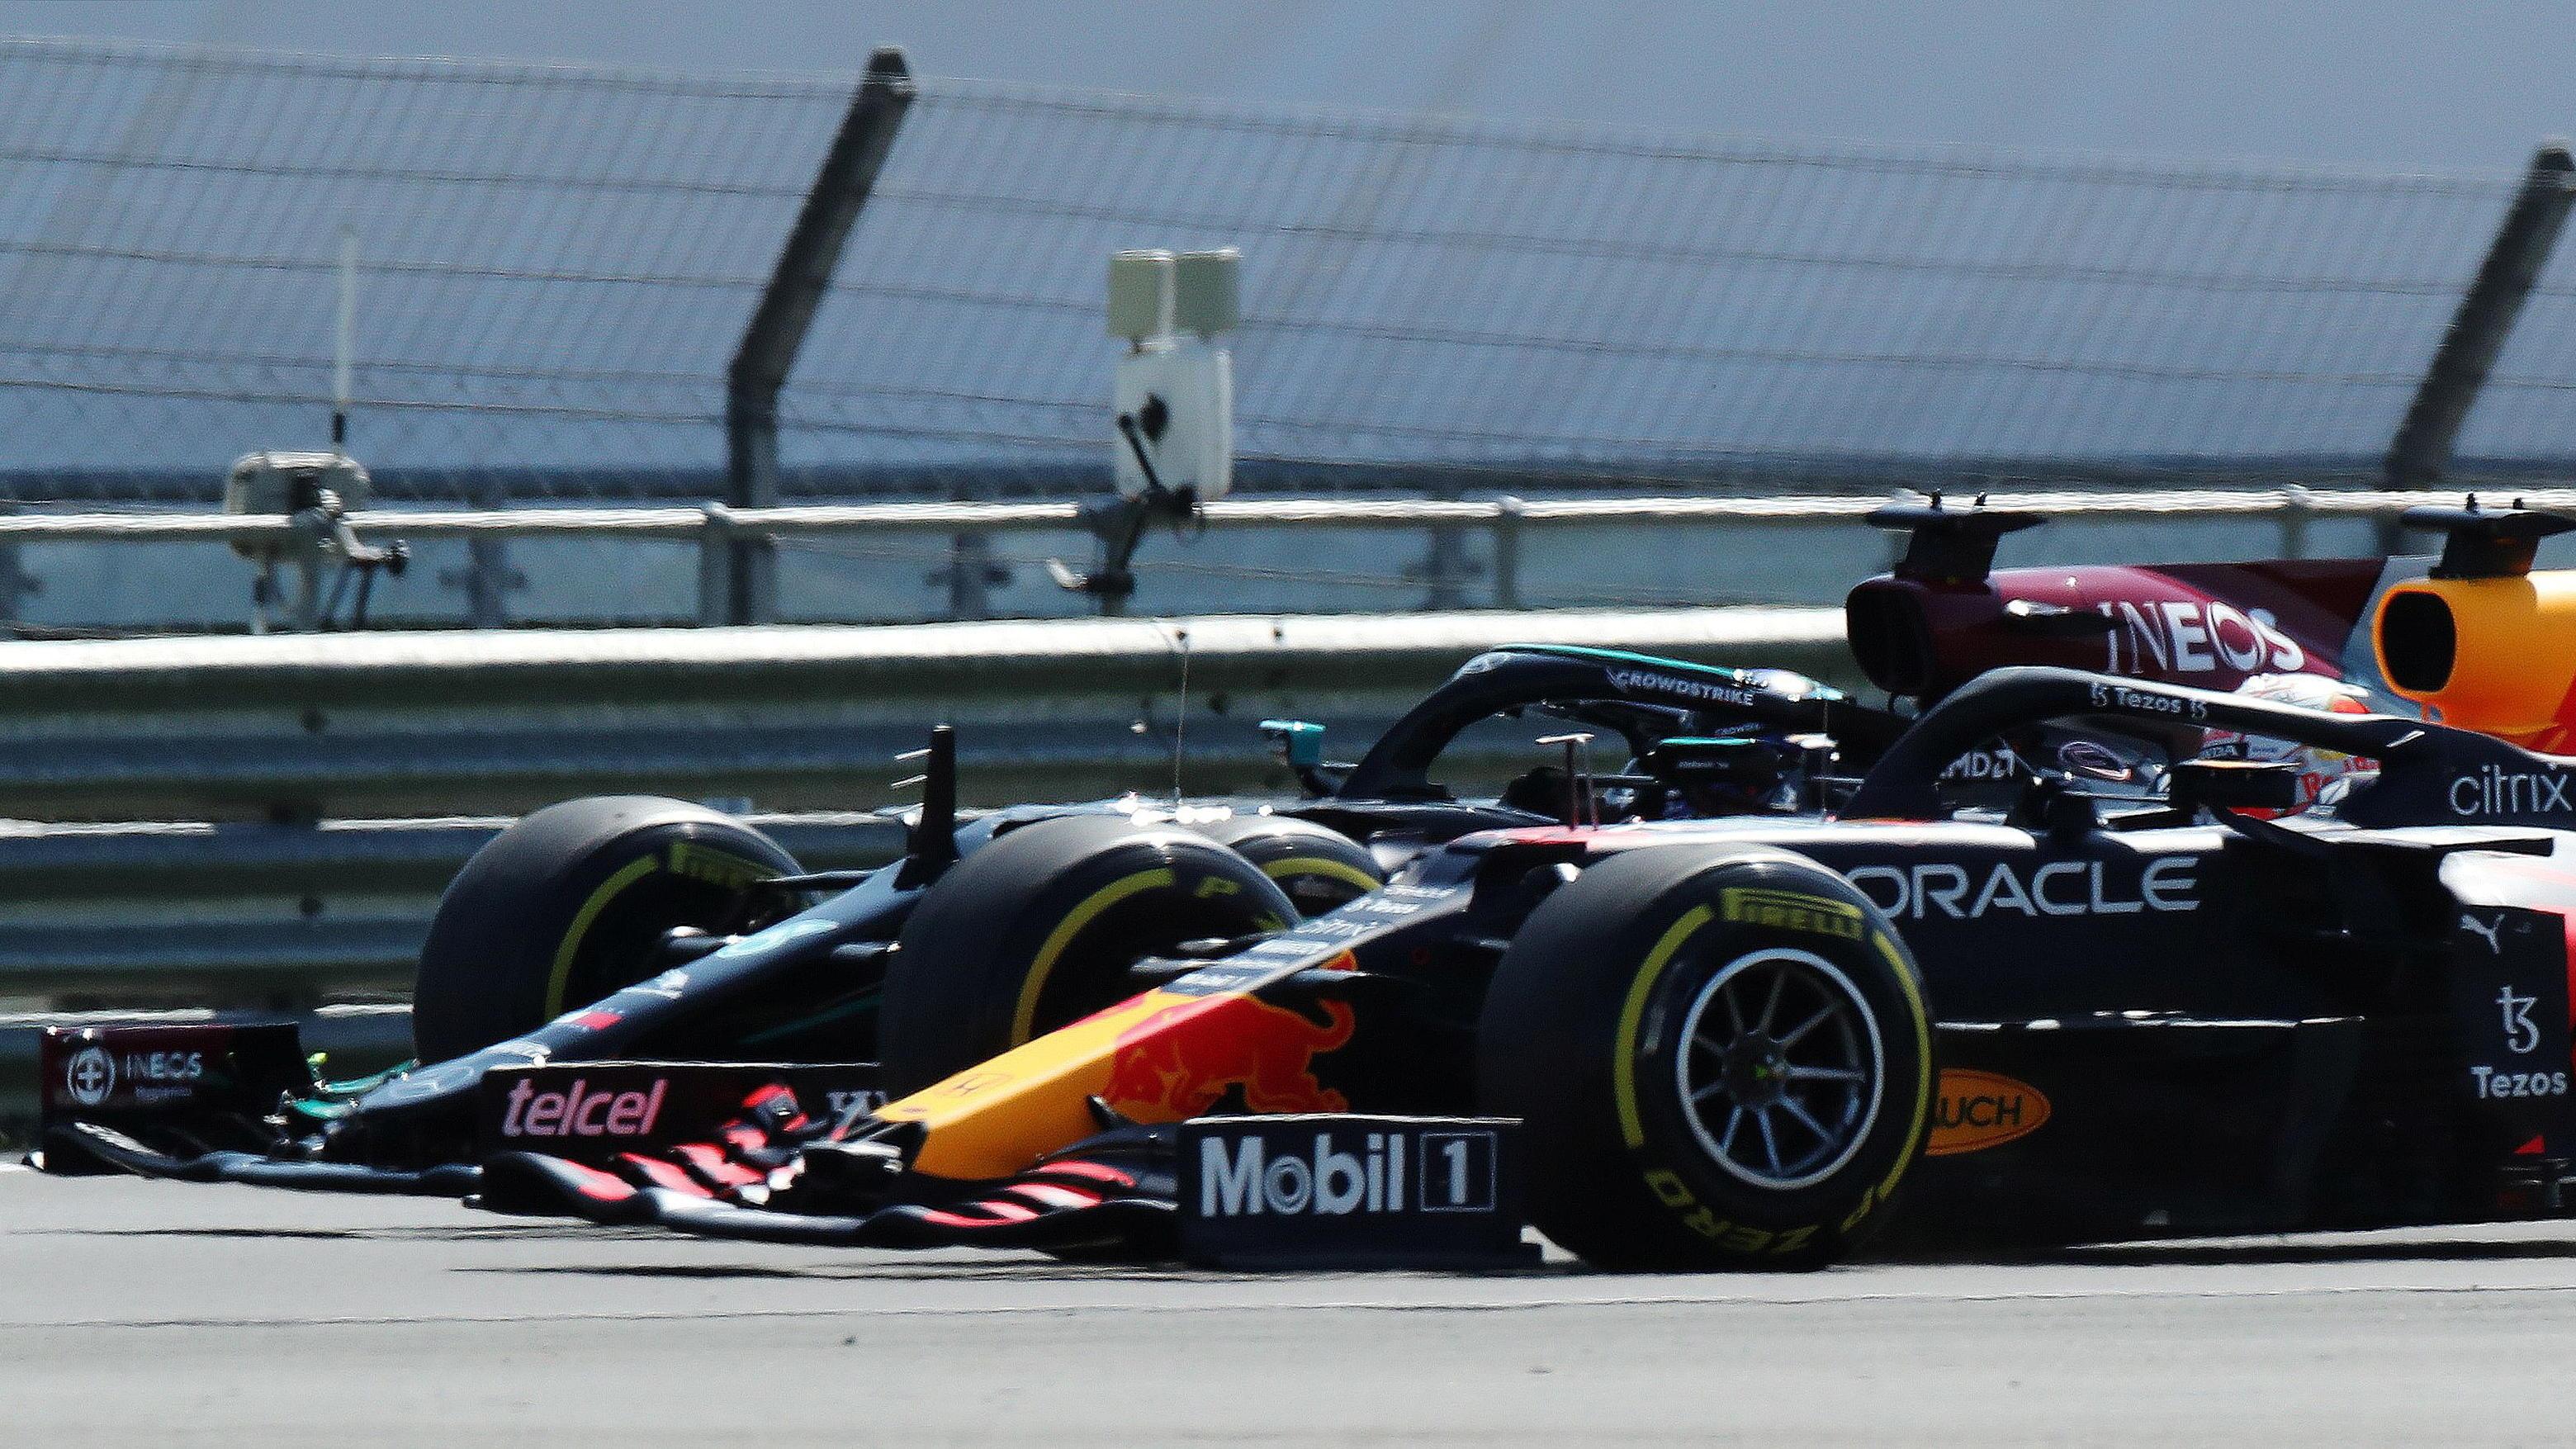 """Formel 1: FIA-Urteil zum Verstappen-Crash - """"Das könnte ordentlich Kleinholz geben"""" - RTL-Experte zur Entscheidung"""